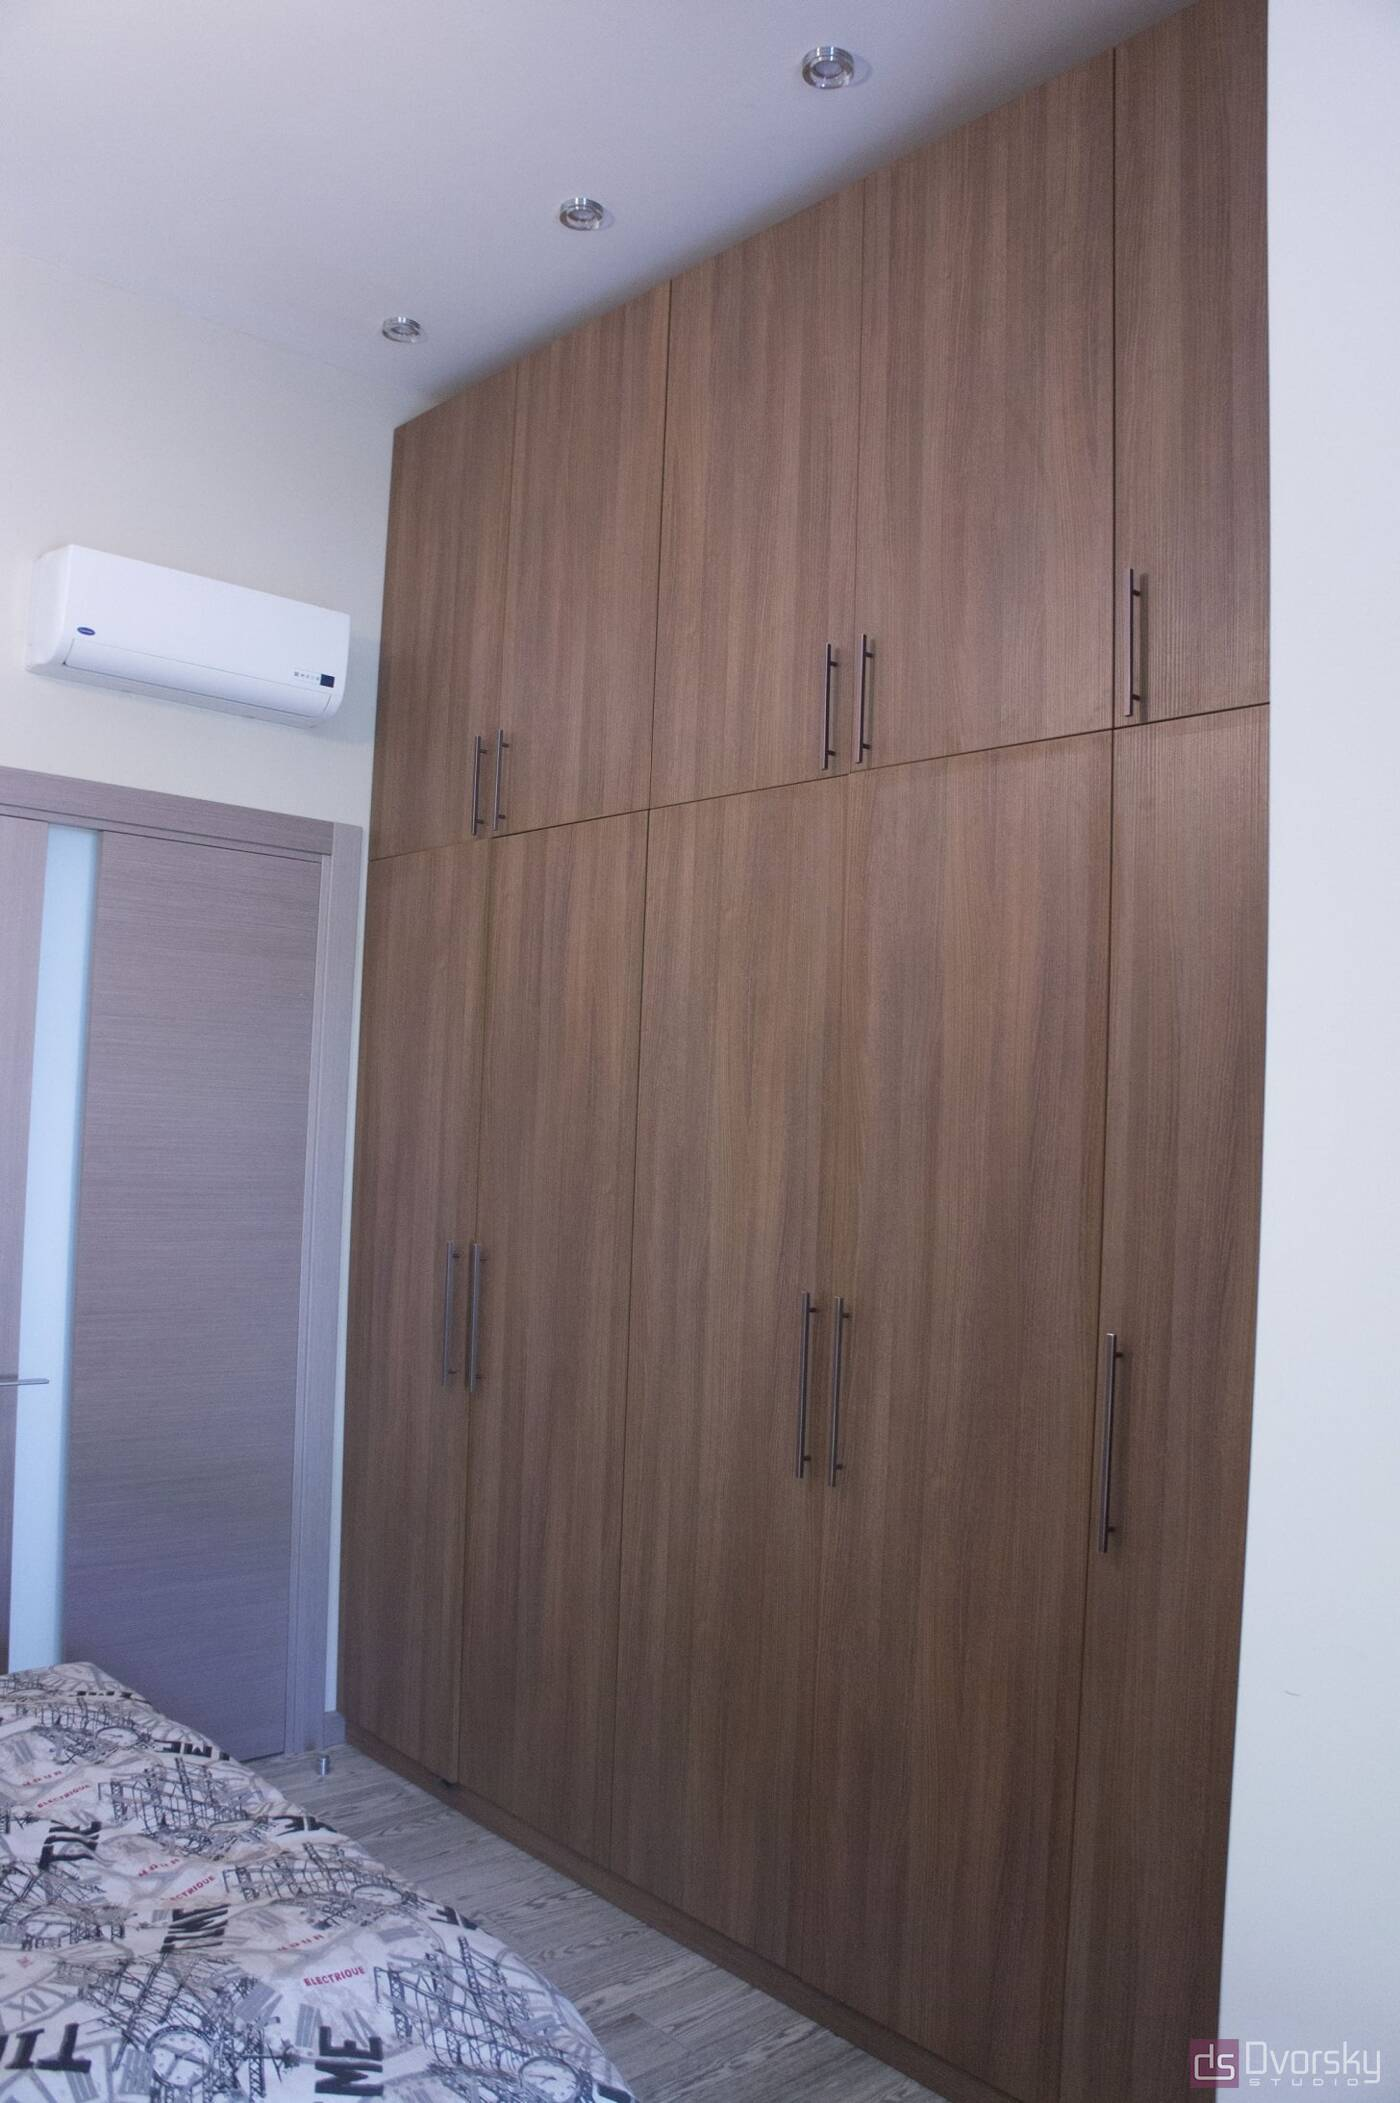 Спальні Спальня з вузьким ліжком - Фото № 6